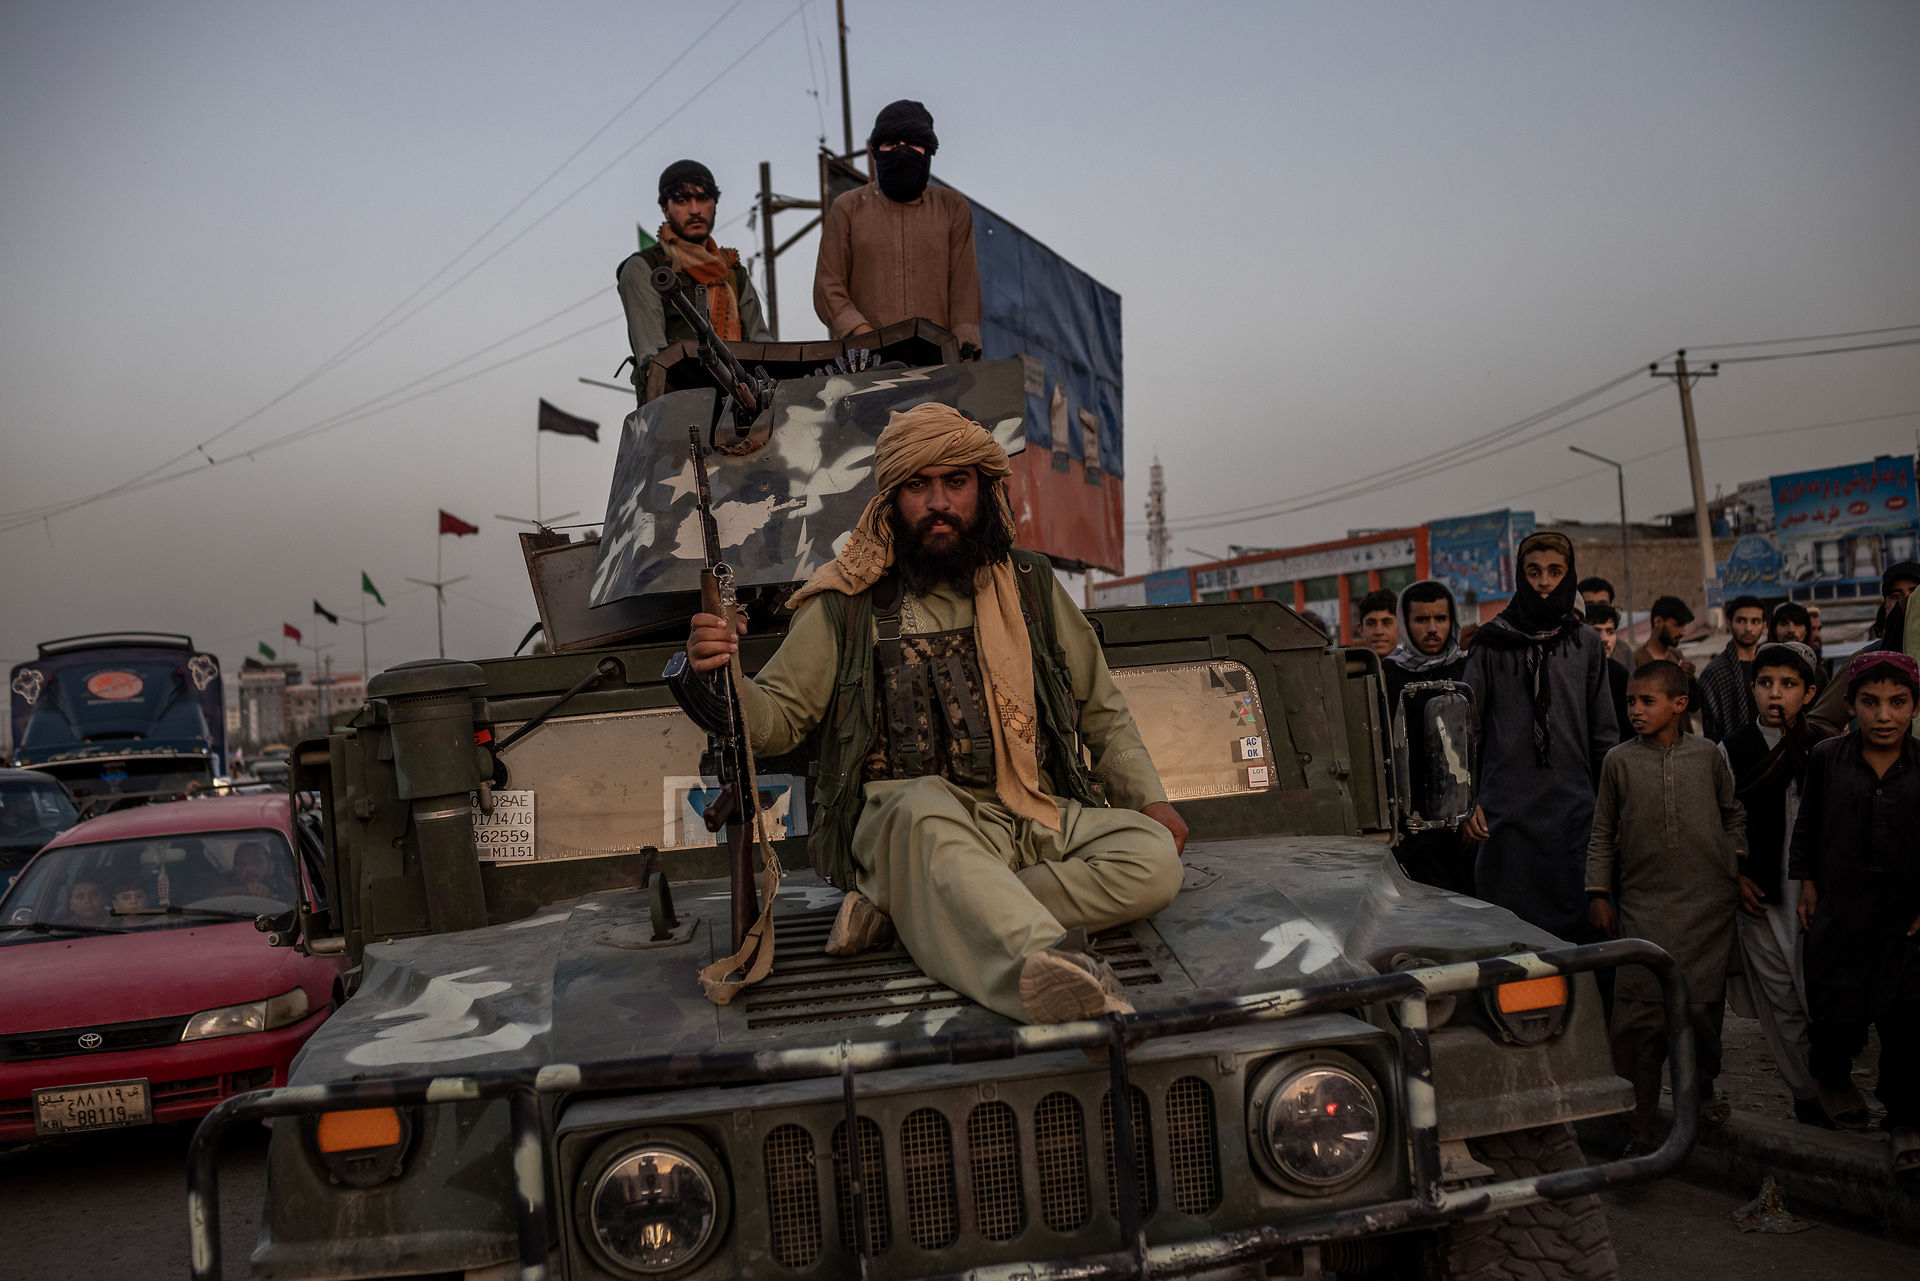 Fotochef: 20 års krig bliver rammet ind af de samme motiver af faldende mænd 3